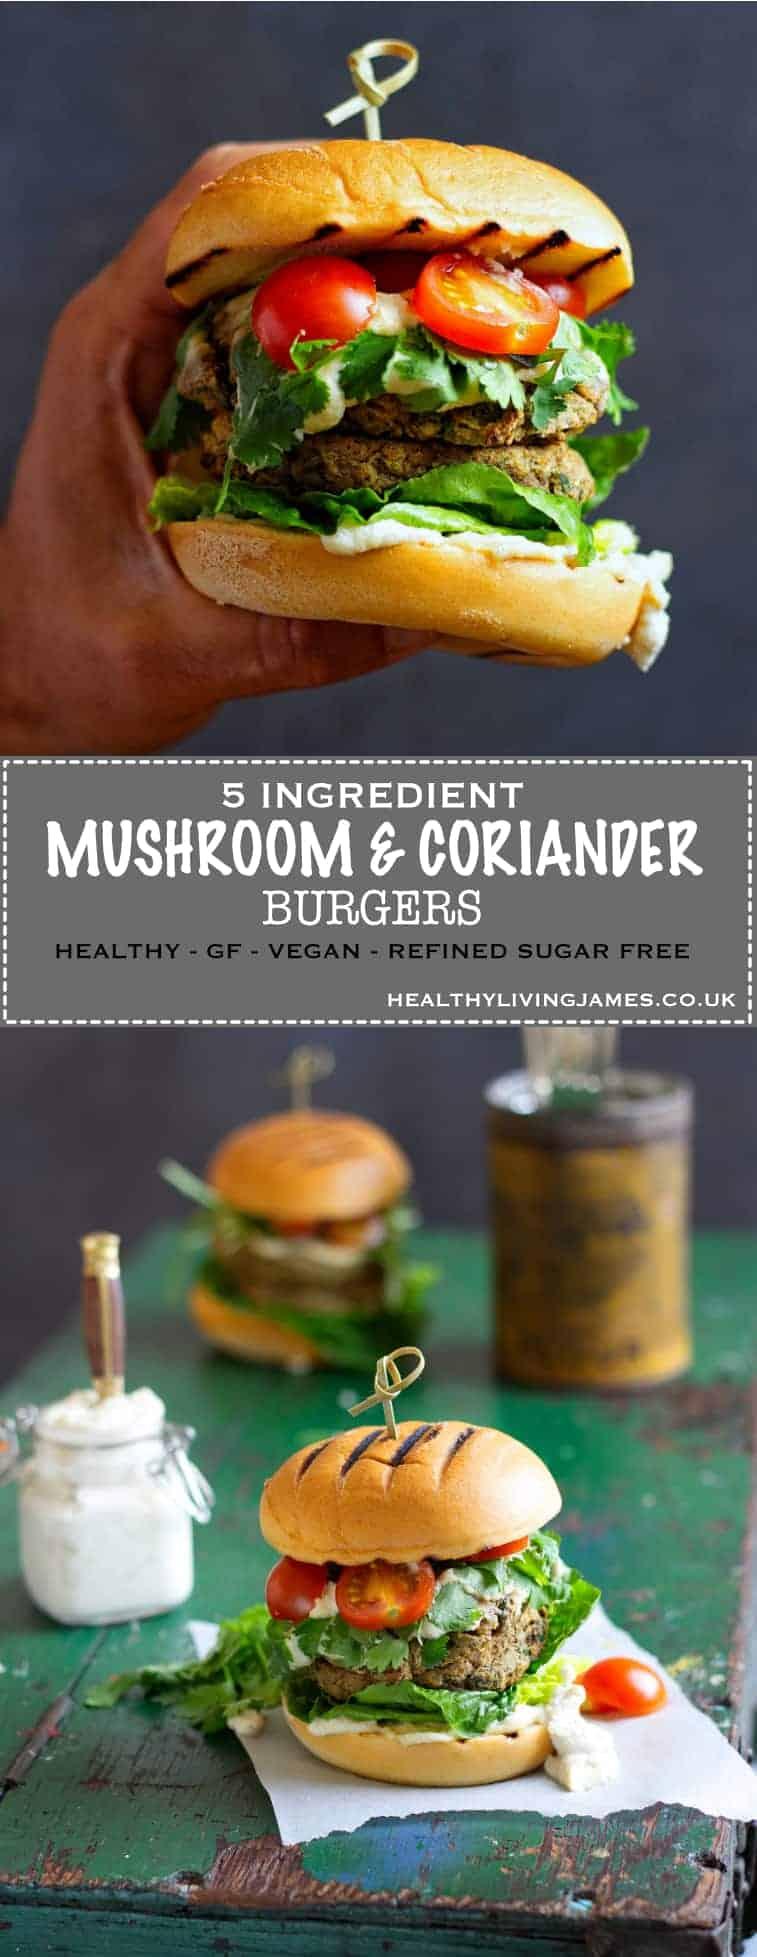 Mushroom & Coriander Burger Pinterest